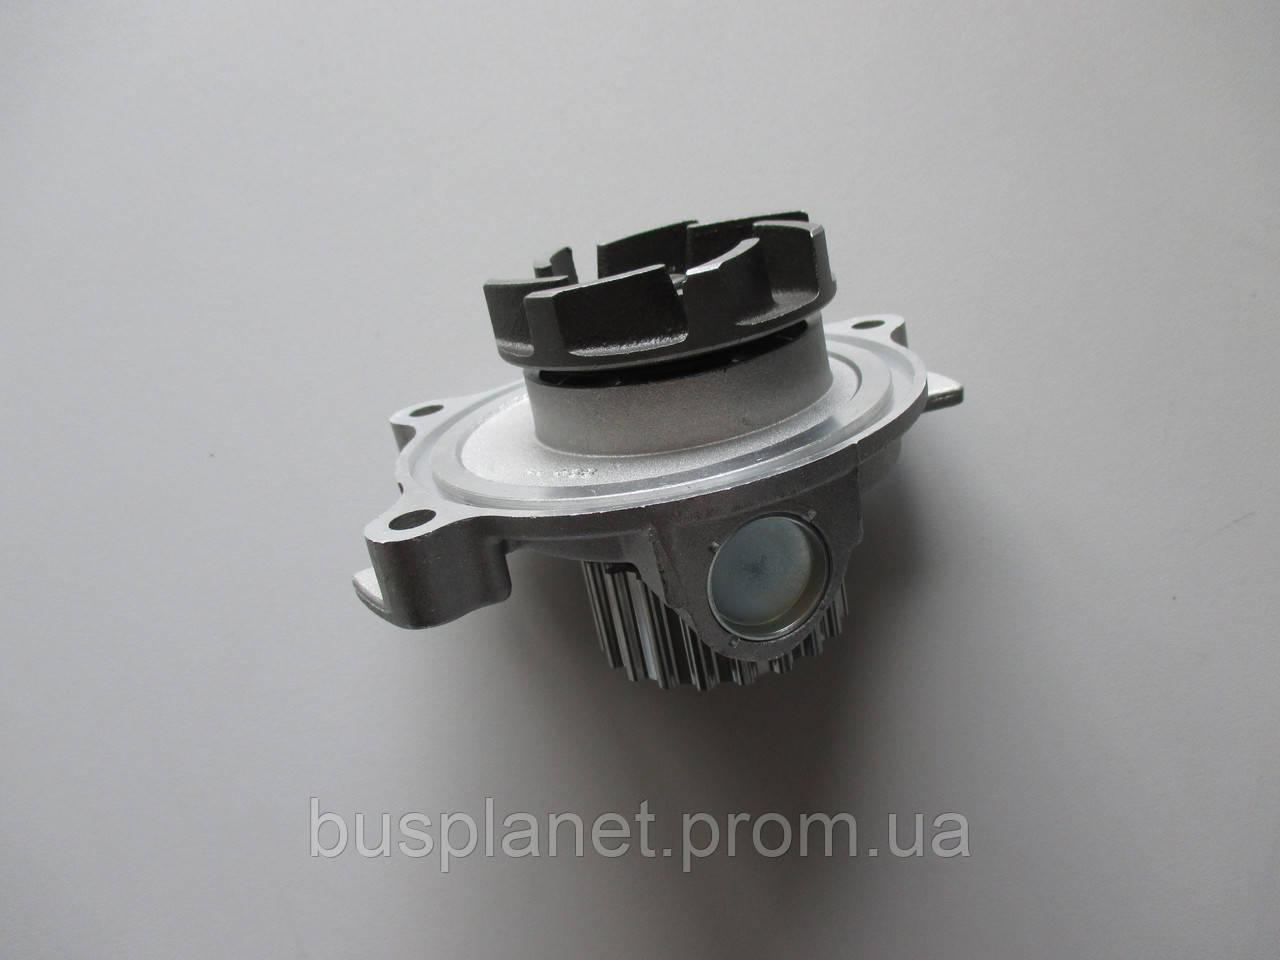 Водяная помпа VW LT (насос) 21 зуб